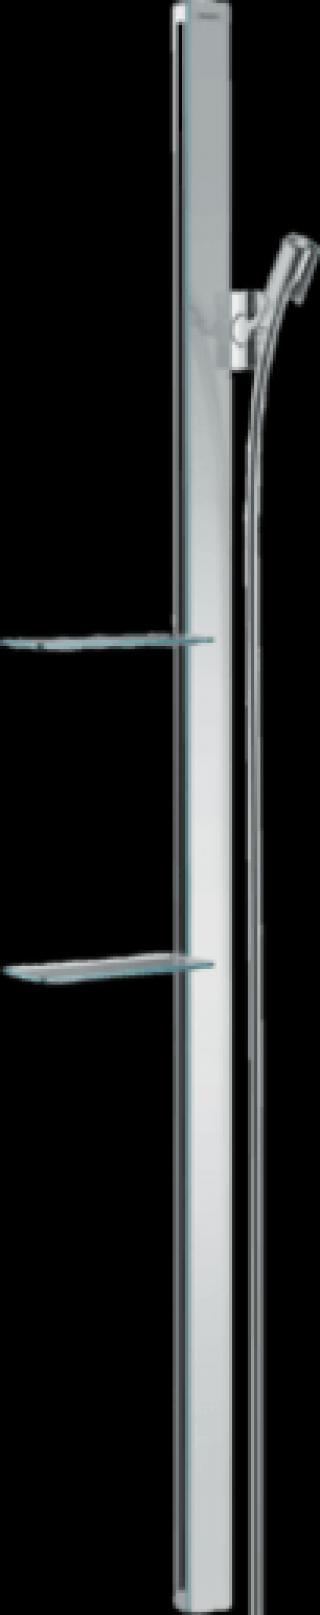 Sprchová tyč Hansgrohe Unica se sprchovou hadicí chrom 27645000 chrom chrom